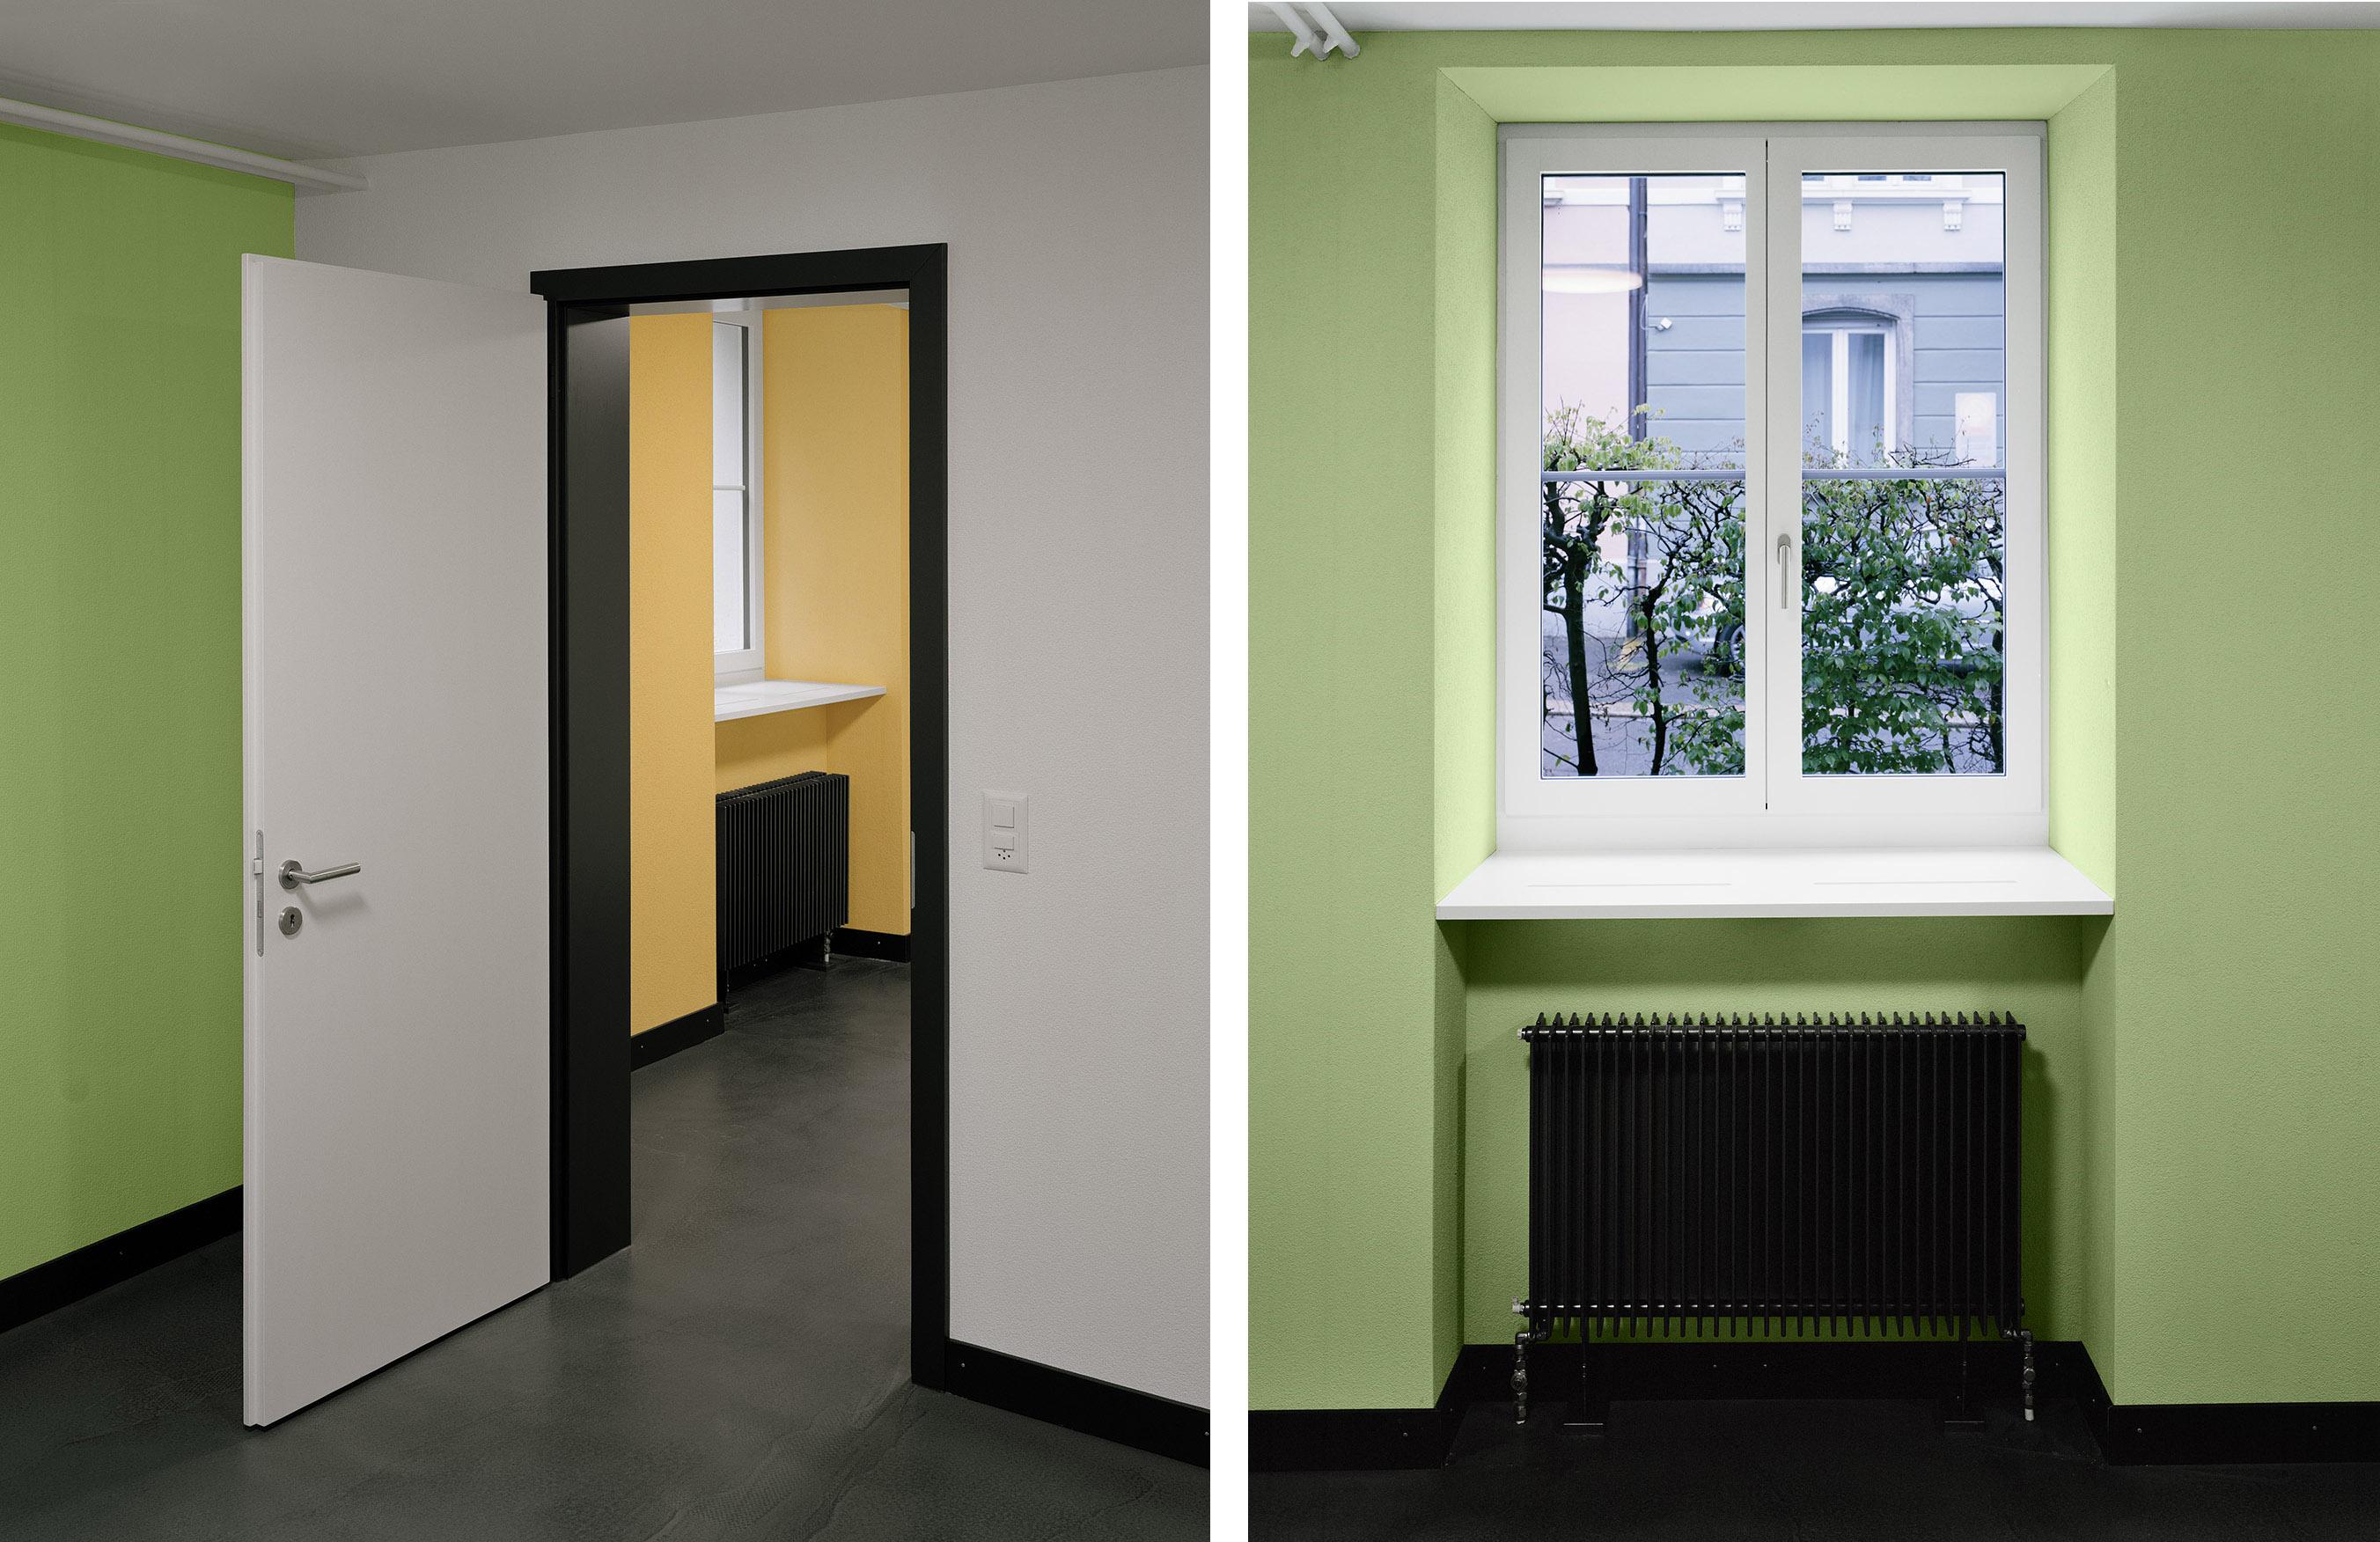 Material-/Farbkonzept / Ausblick im Erdgeschoss